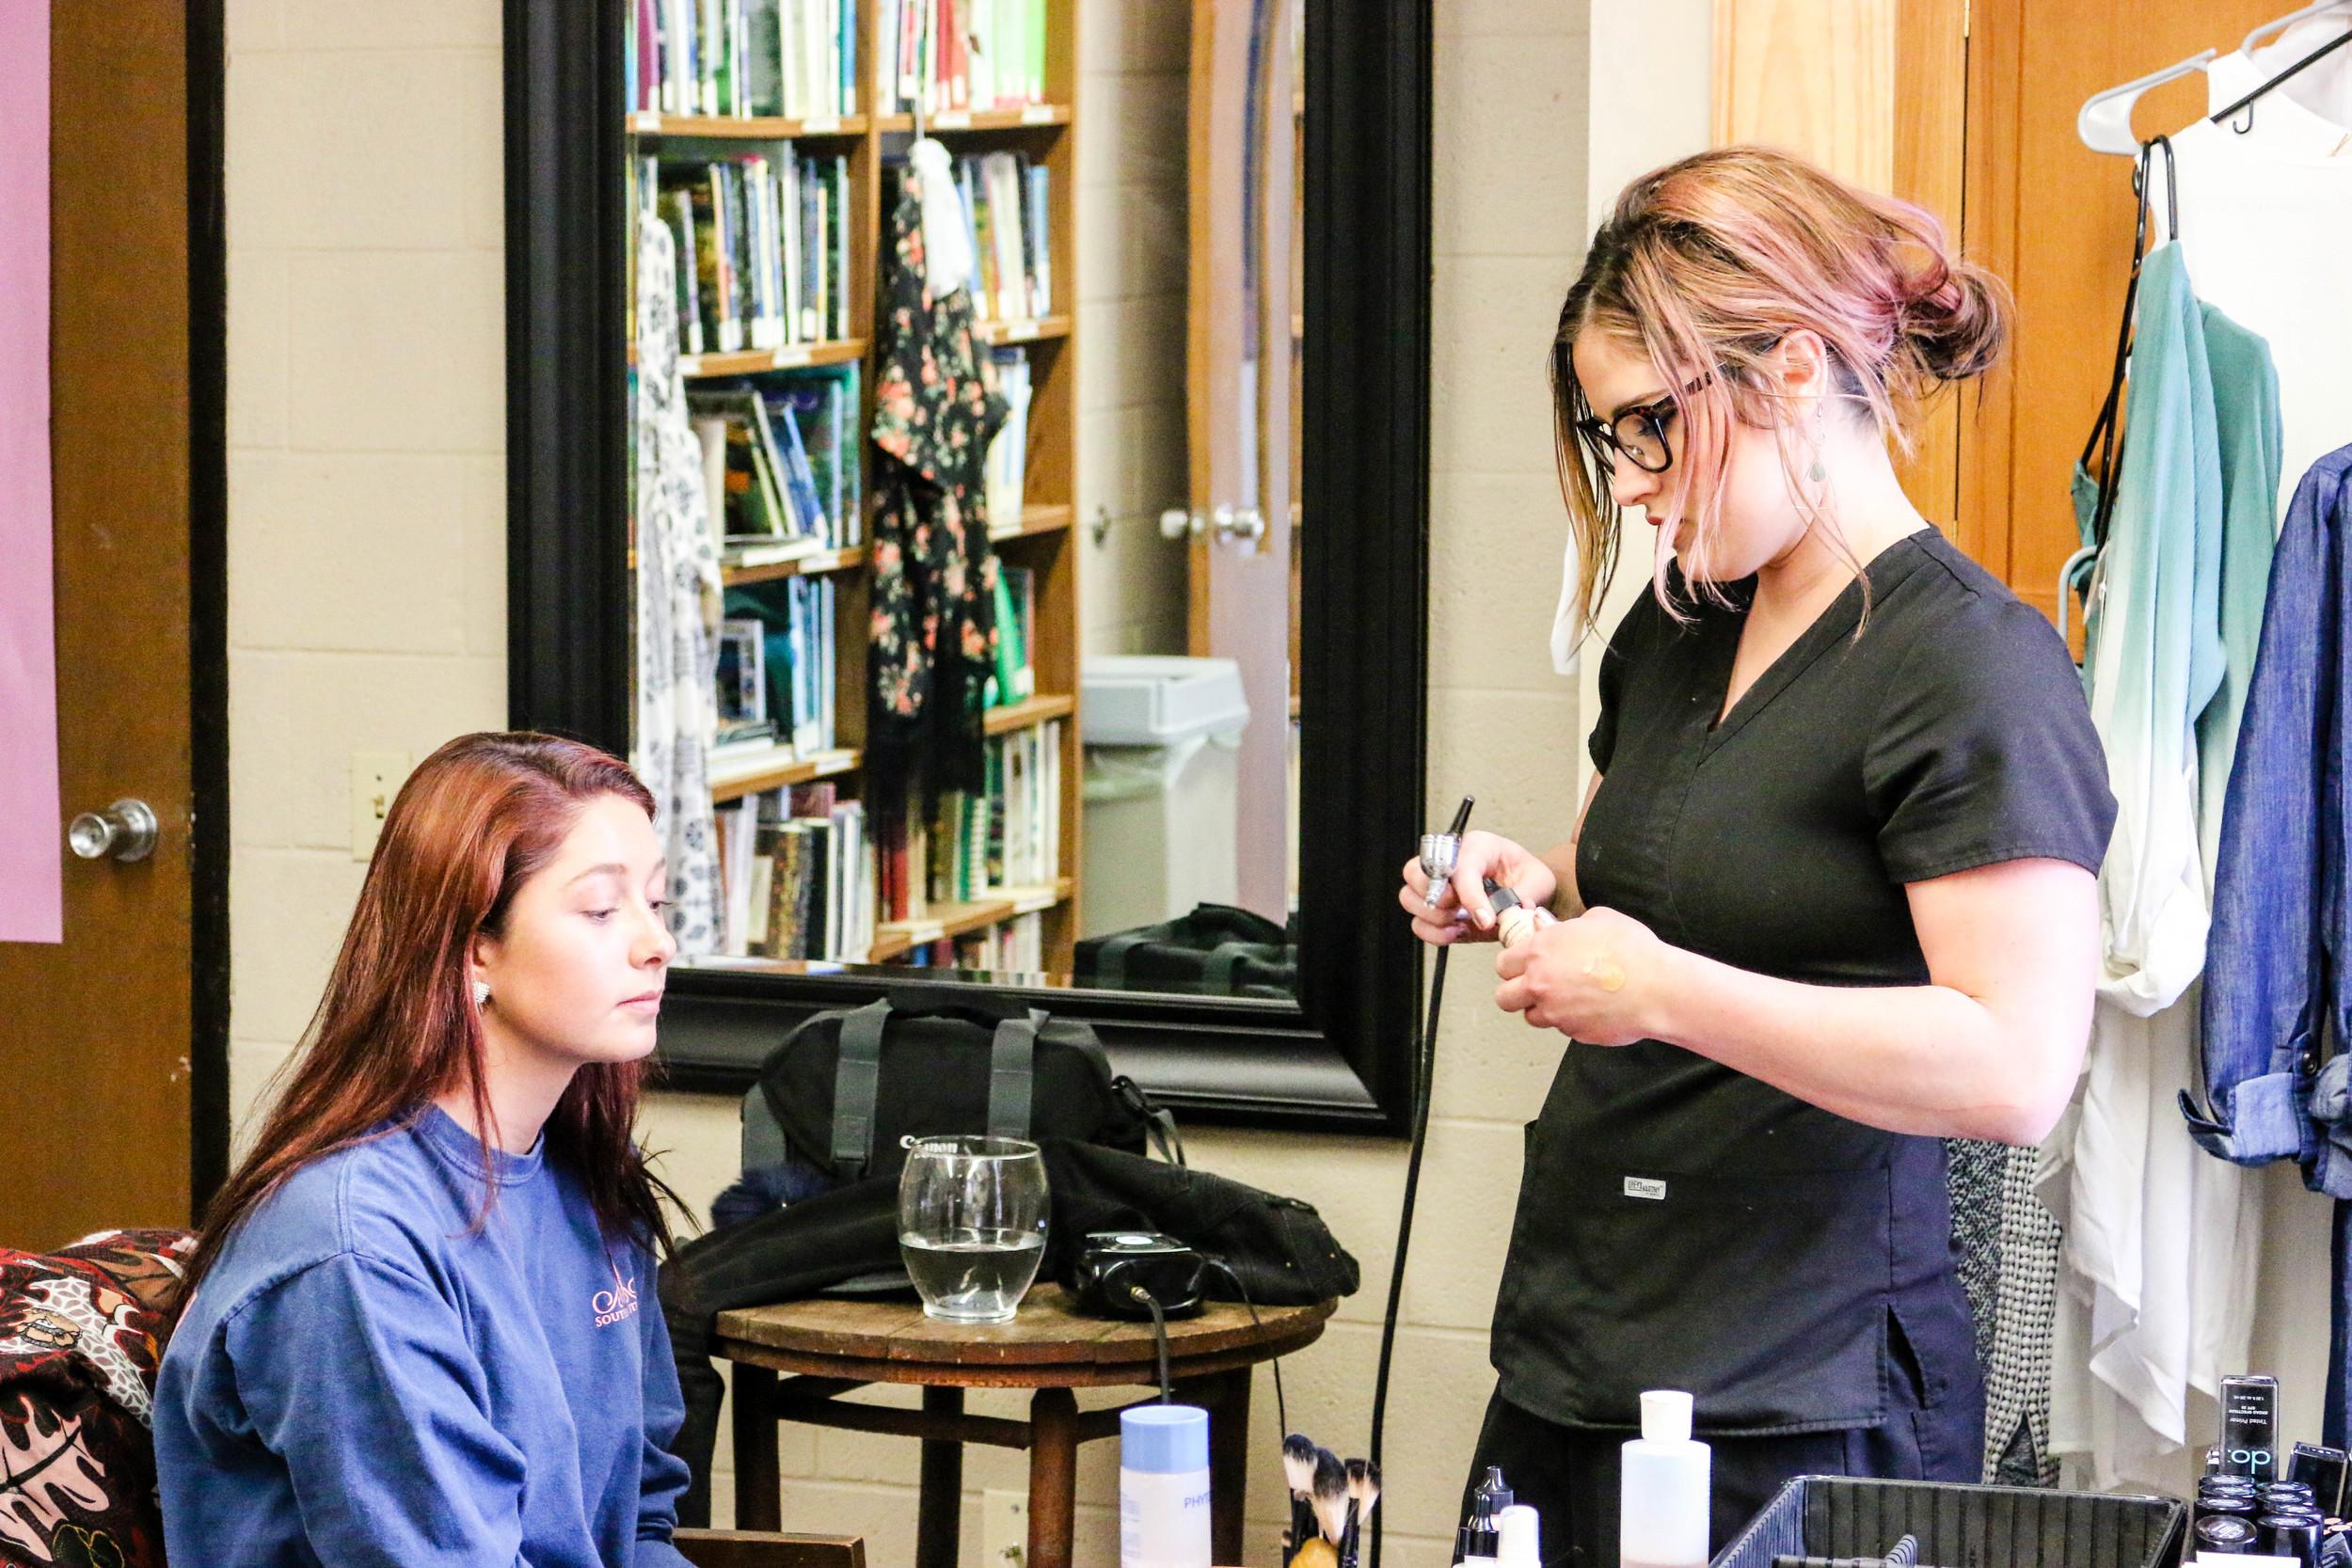 Rachel having her makeup done